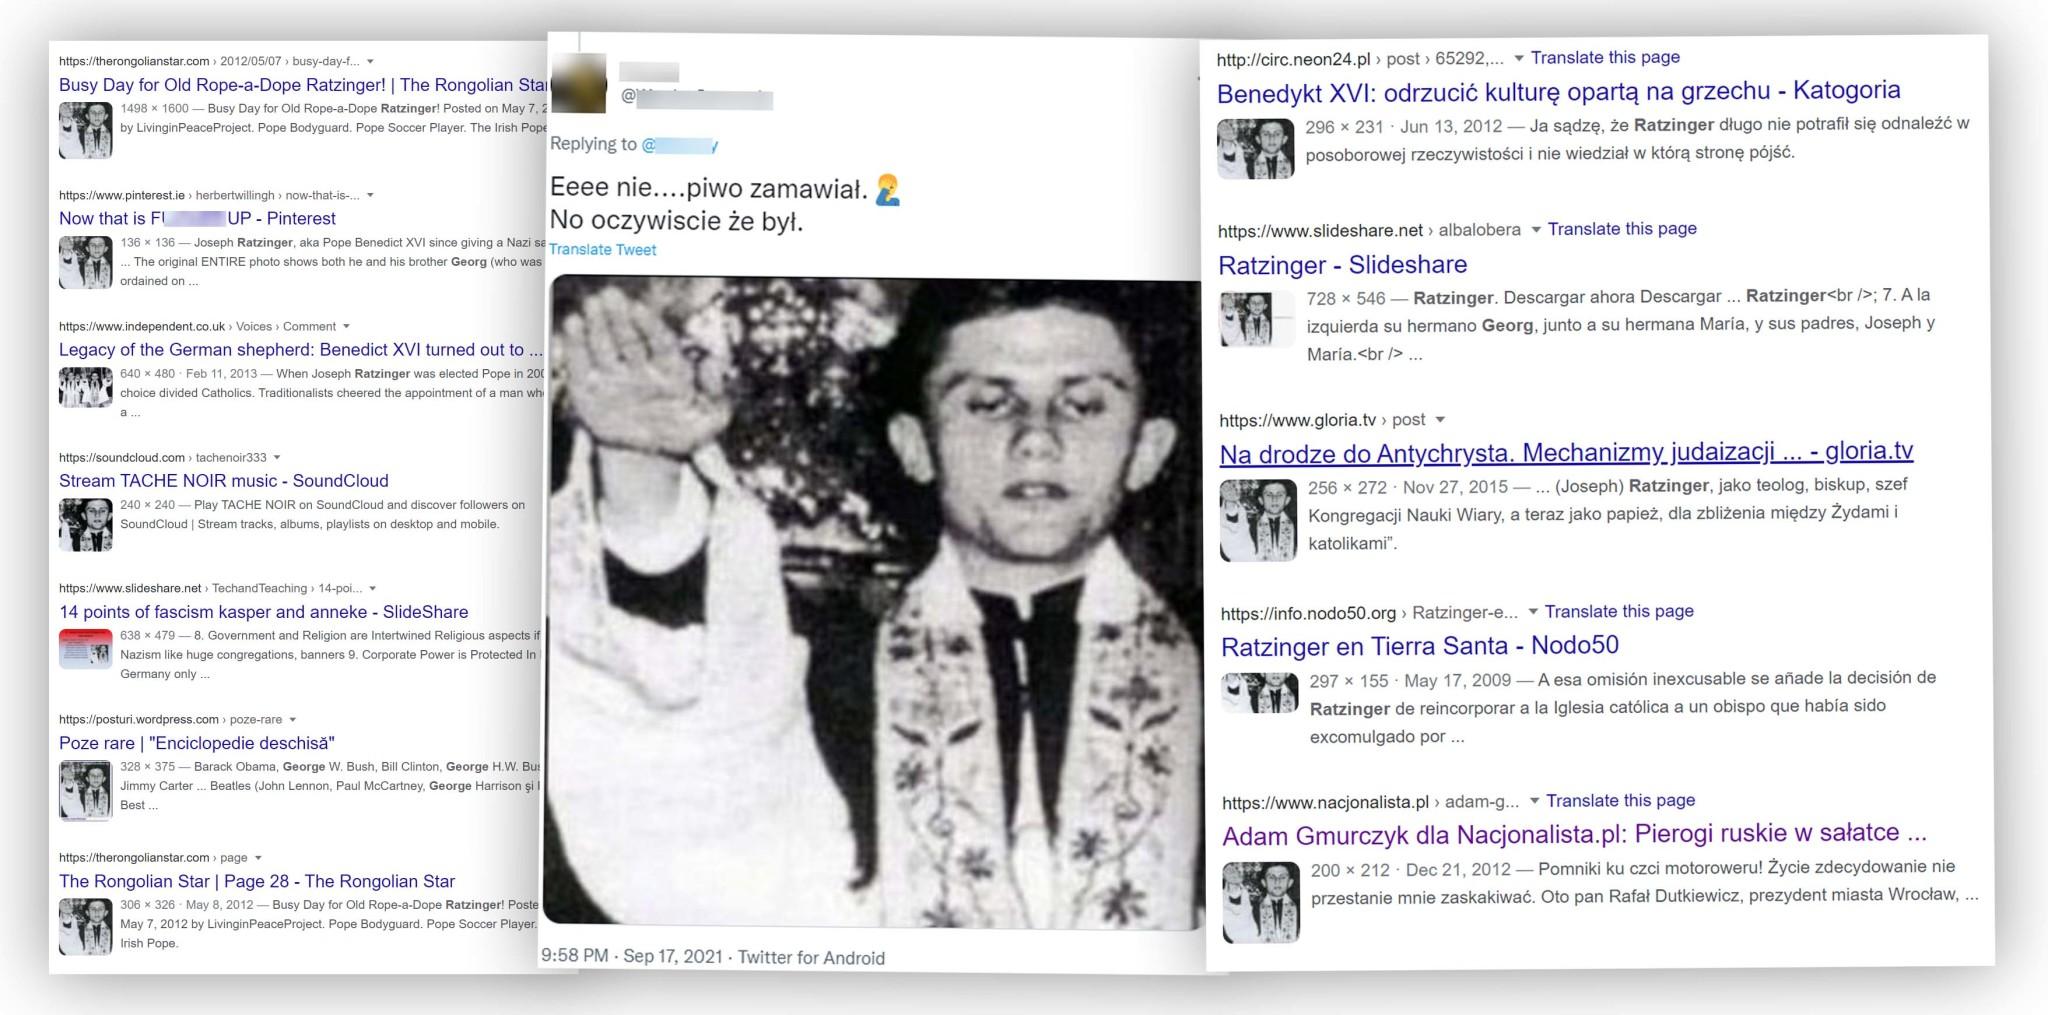 Ta fotografia Józefa Ratzingera od lat krąży w sieci